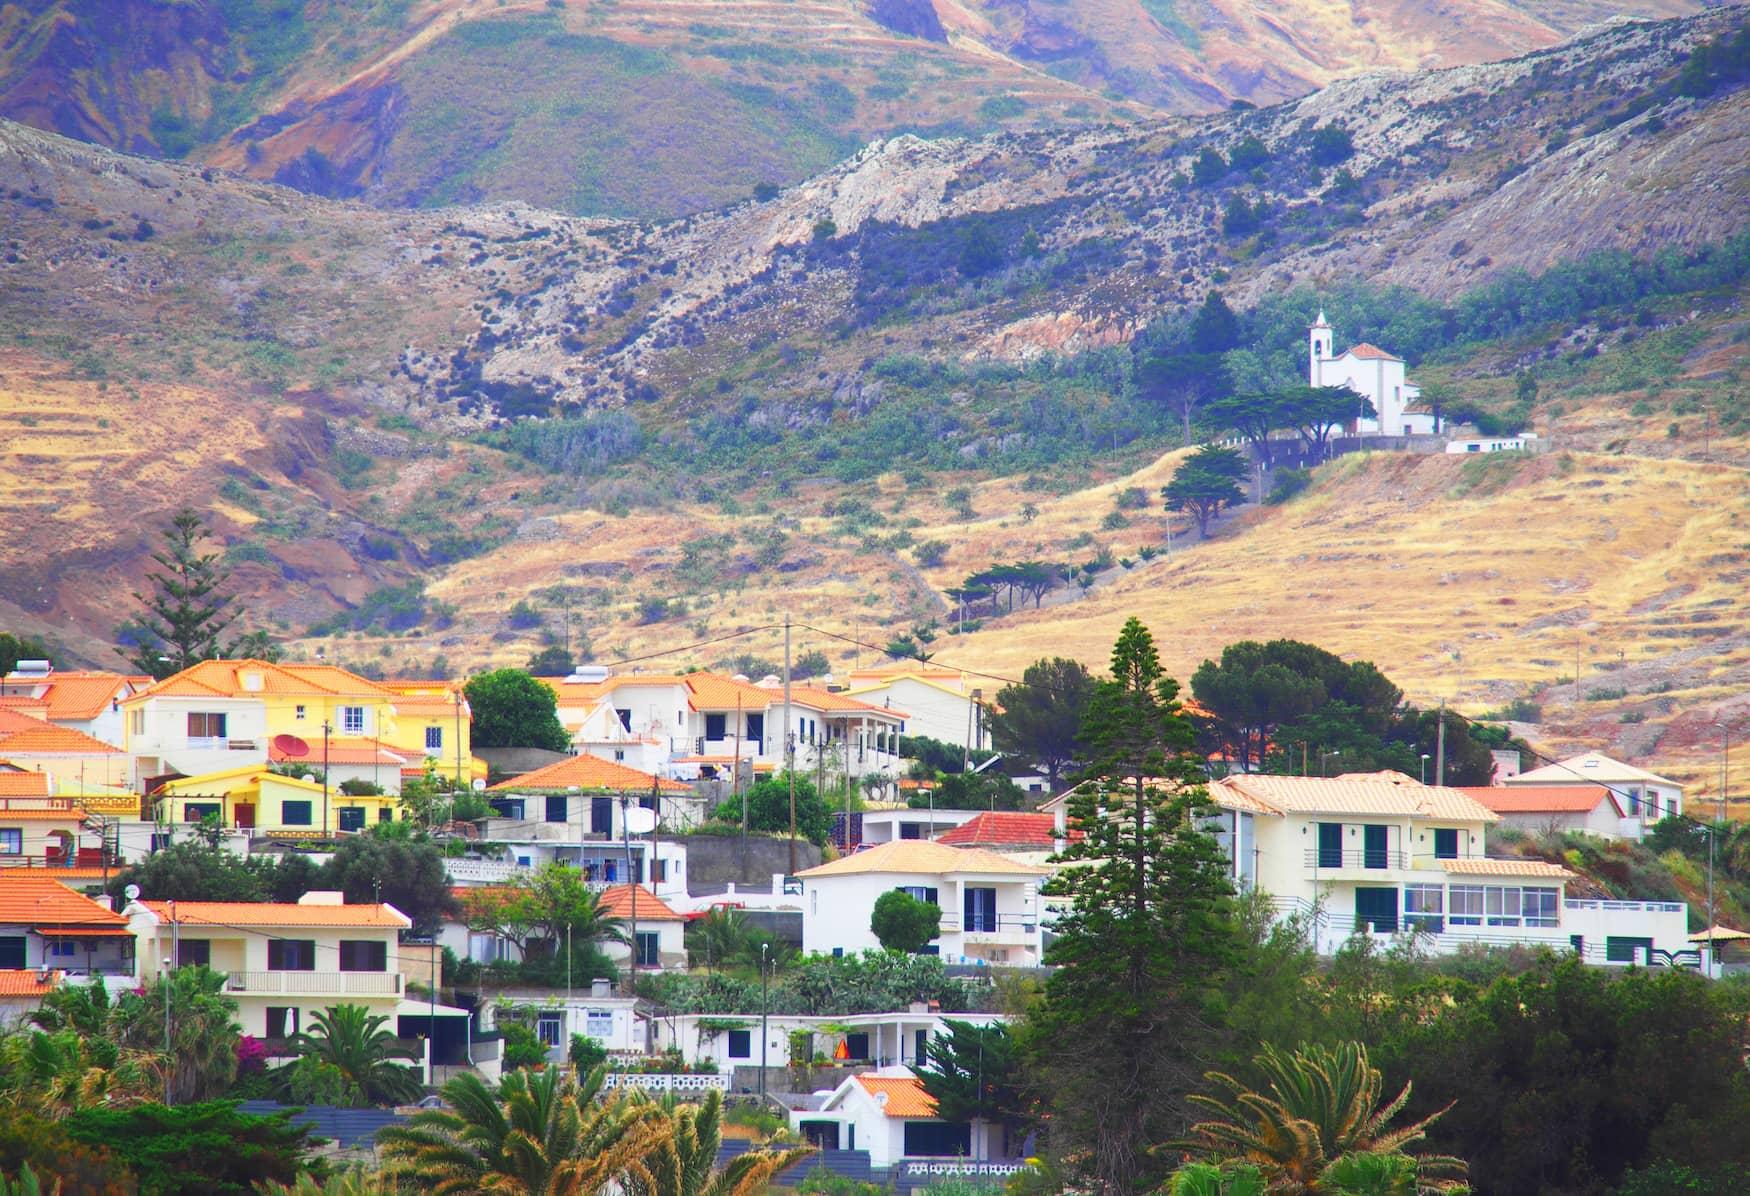 Blick auf die Häuser von Porto Santo mit Bergen